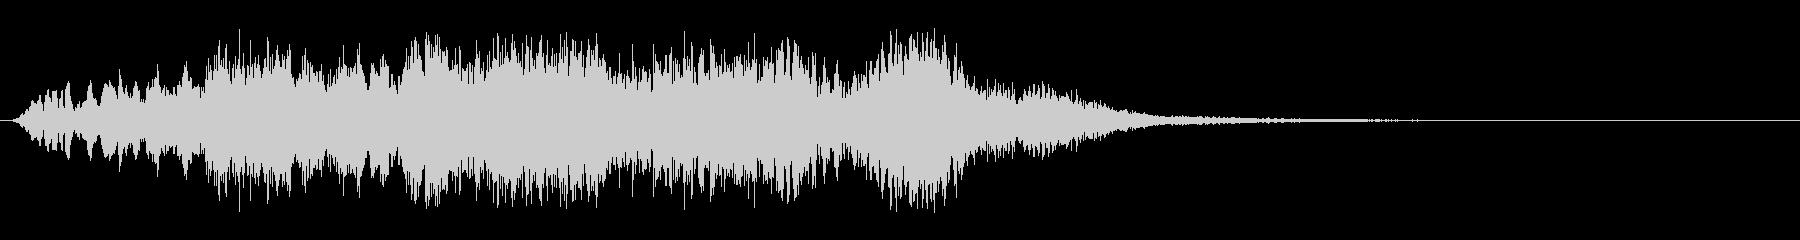 チューブメナスの未再生の波形